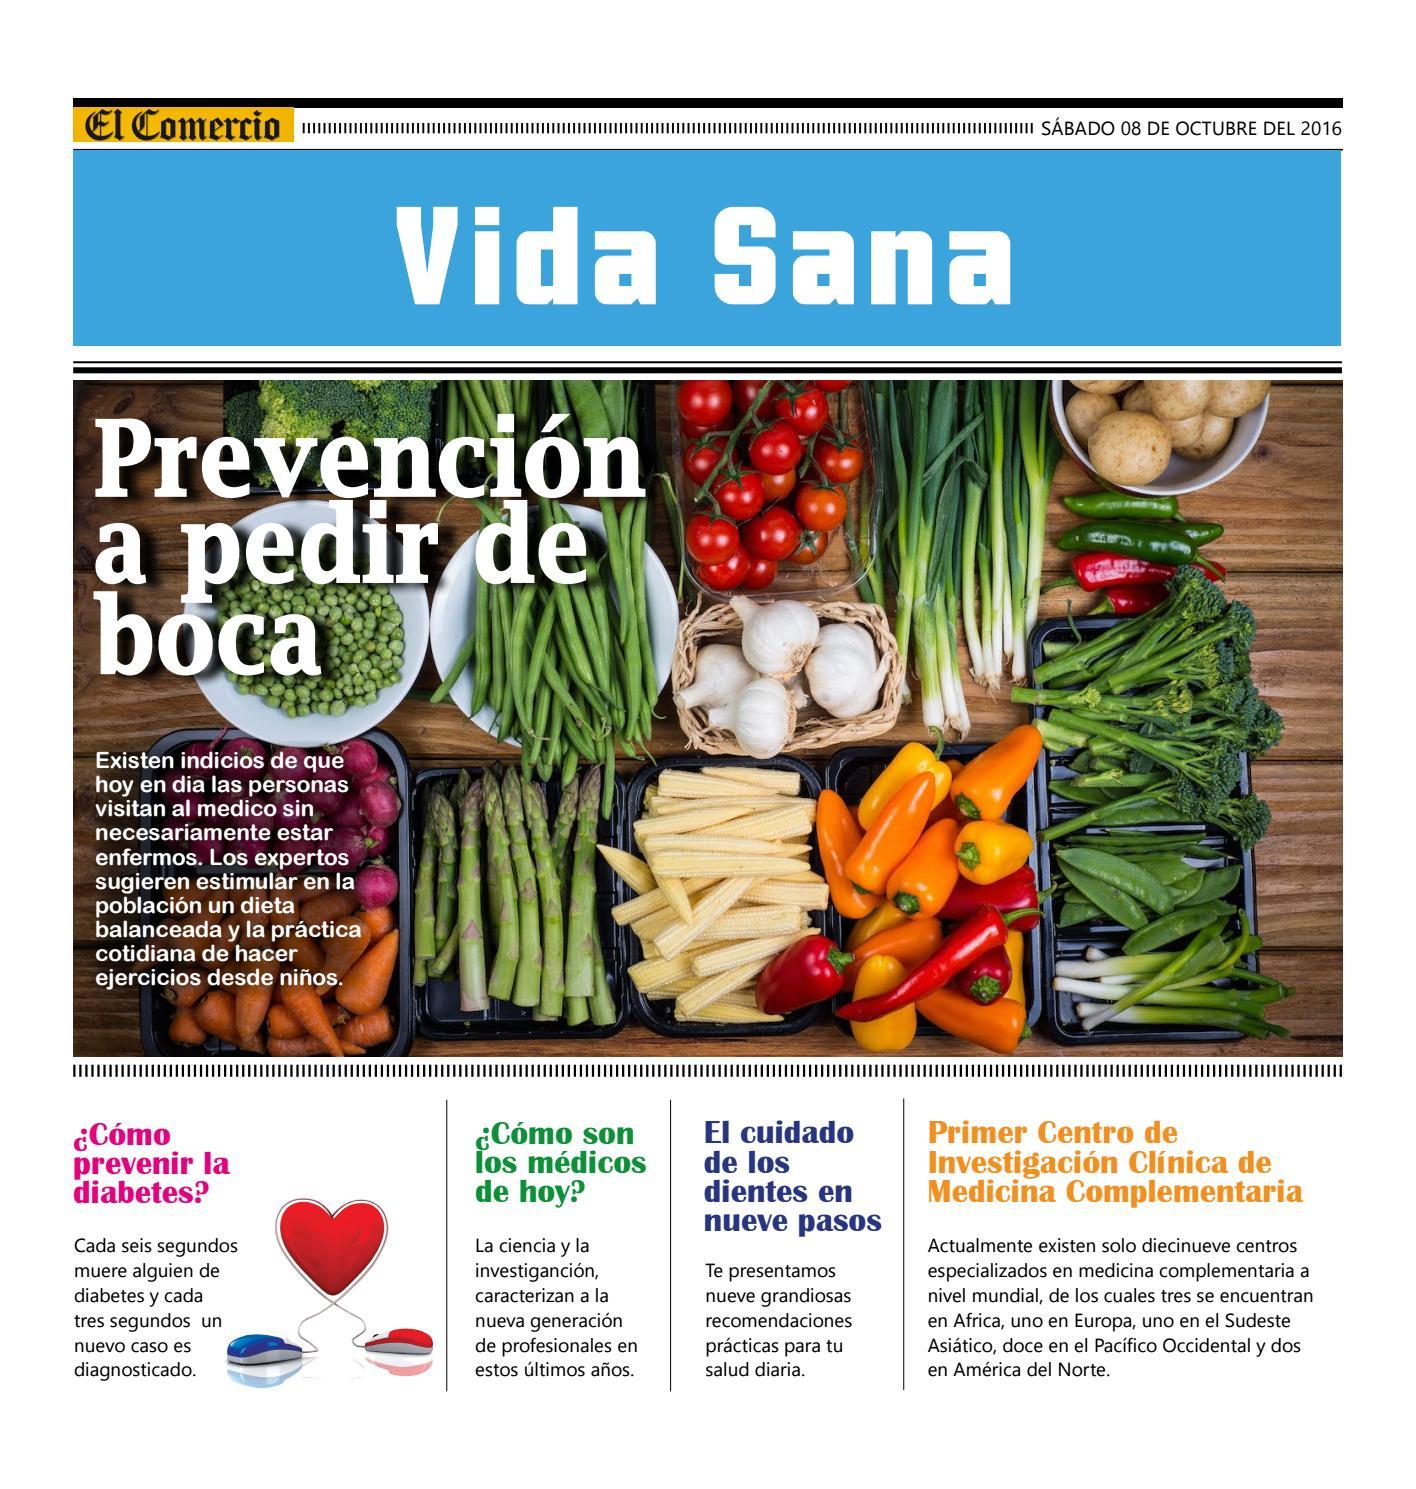 pasuchaca nuevo contra cura de diabetes